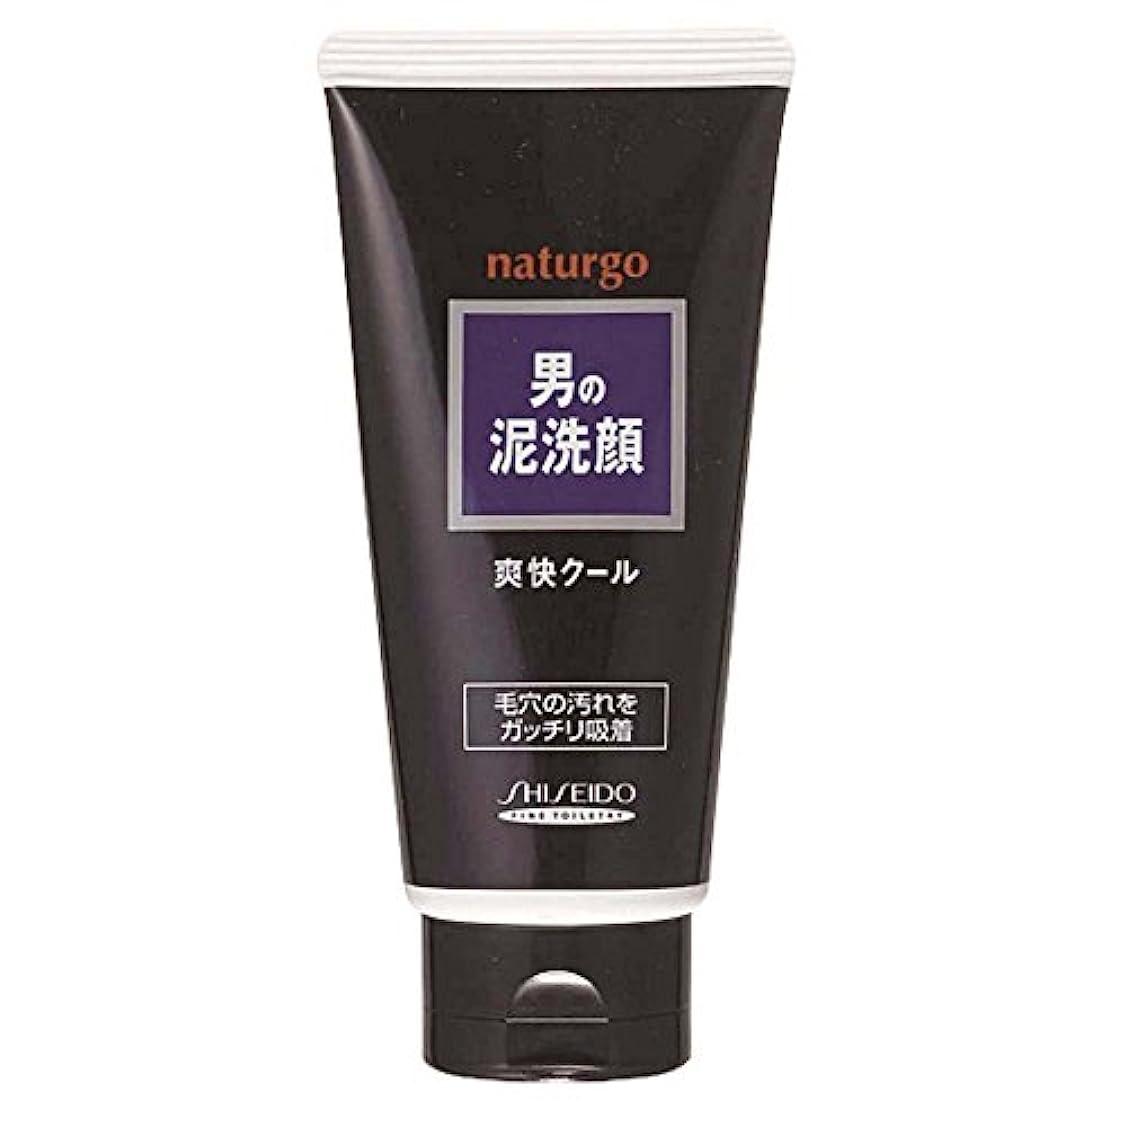 材料悲しむすぐにナチュルゴ メンズクレイ洗顔フォーム黒 130g